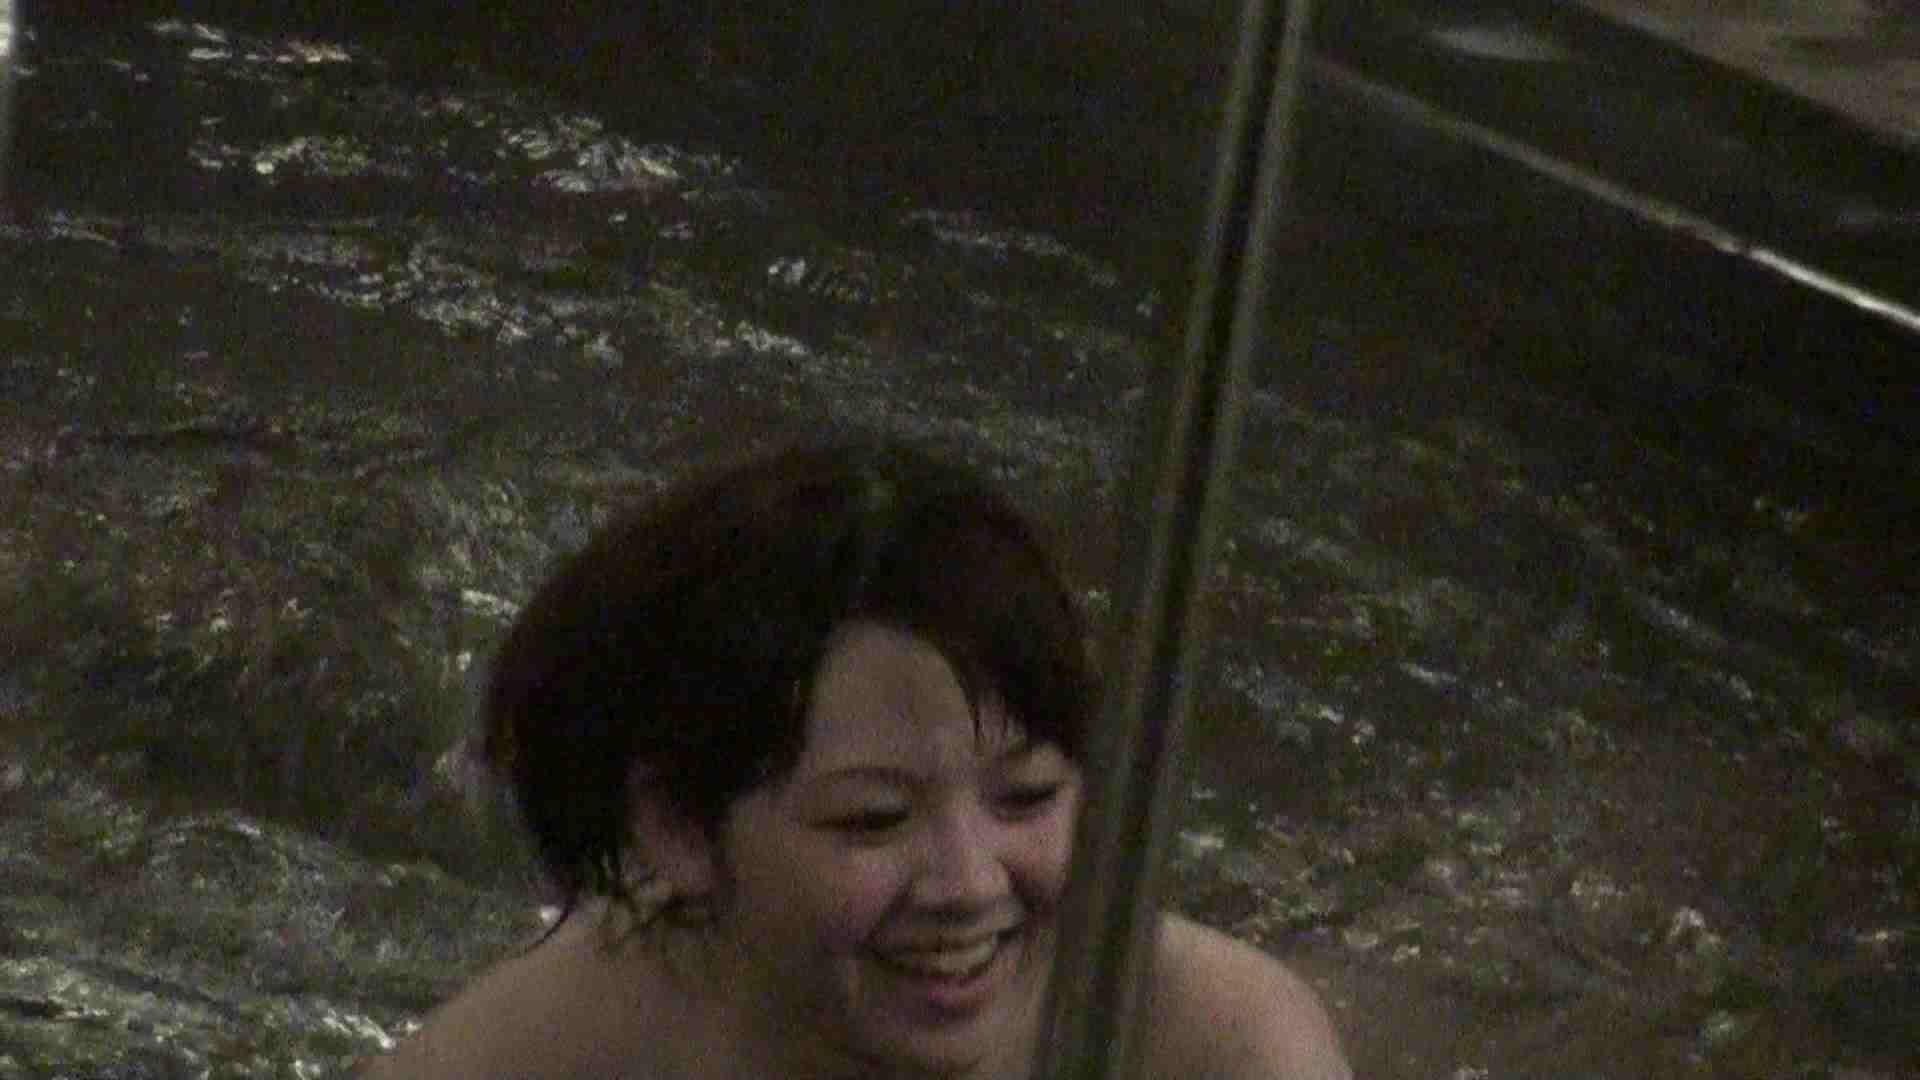 Aquaな露天風呂Vol.374 OLハメ撮り  47Pix 6